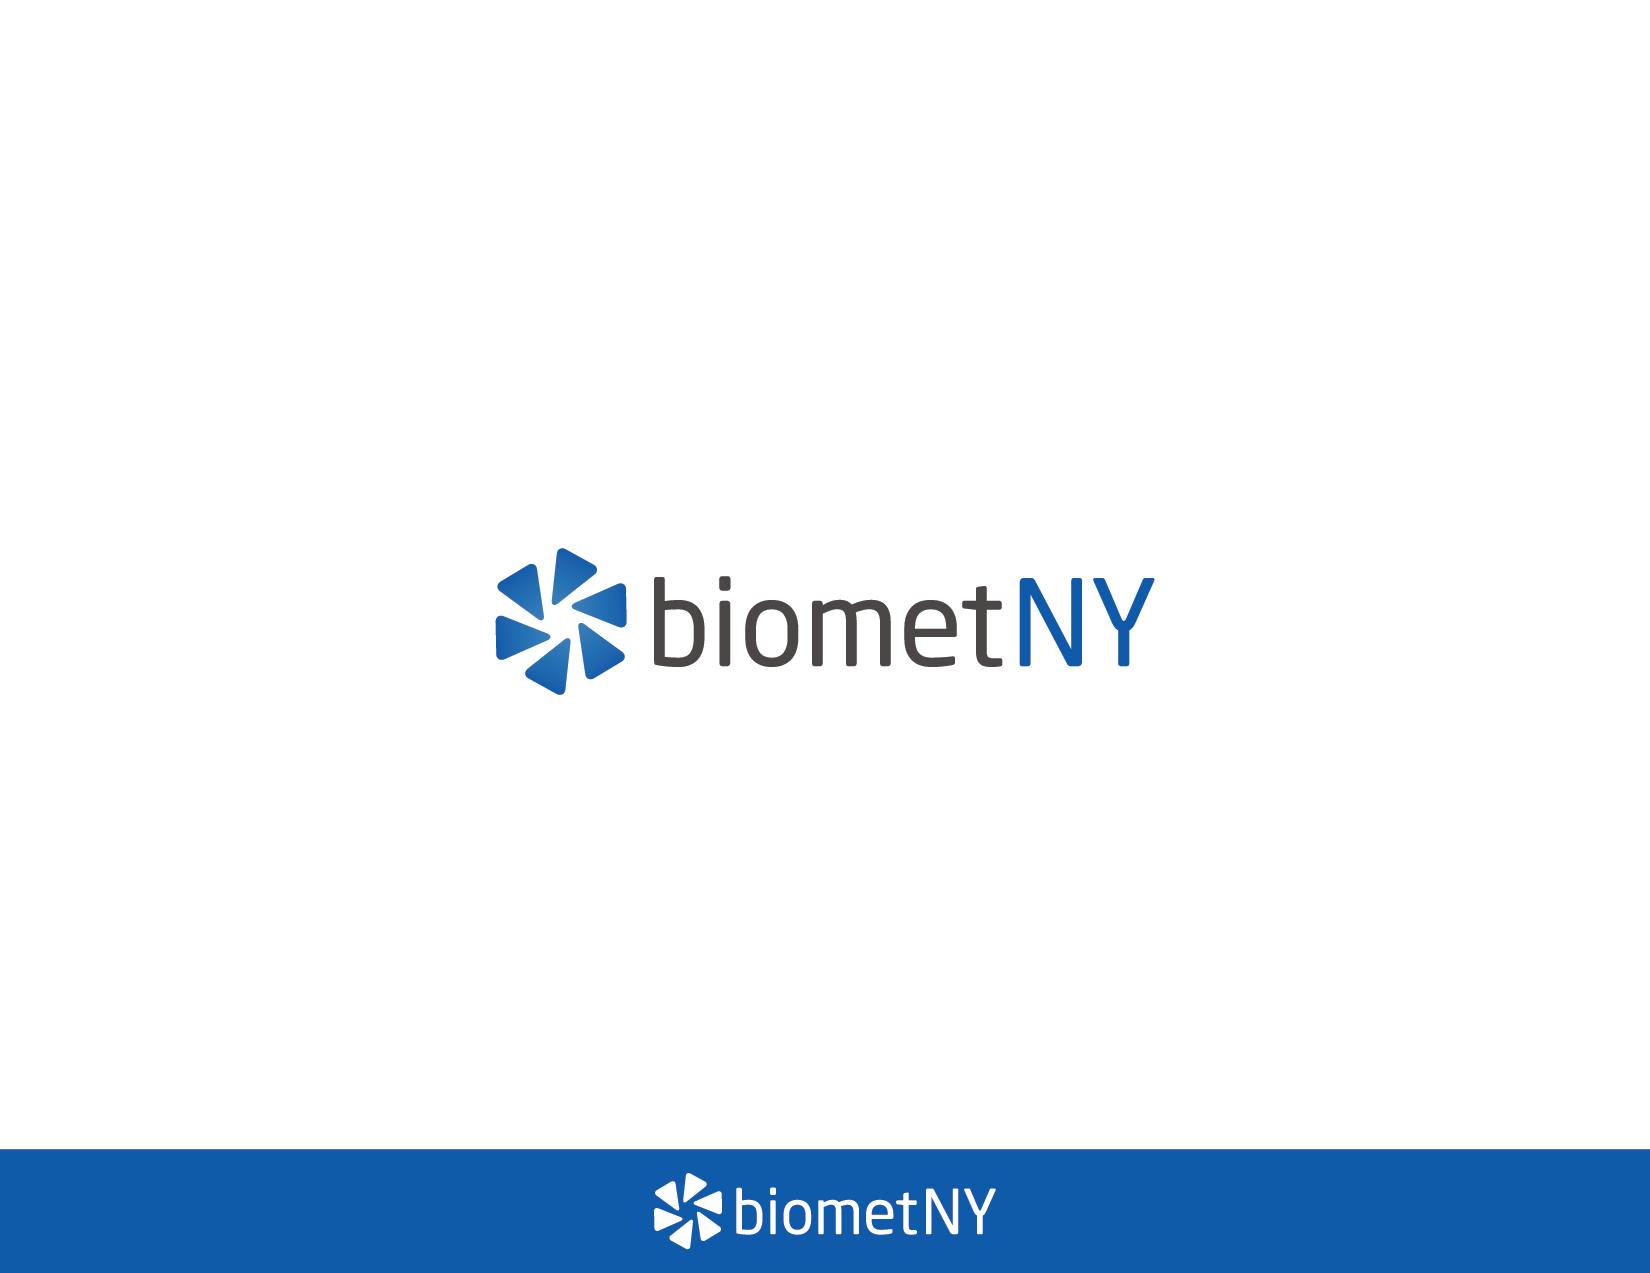 logo for Biomet NY